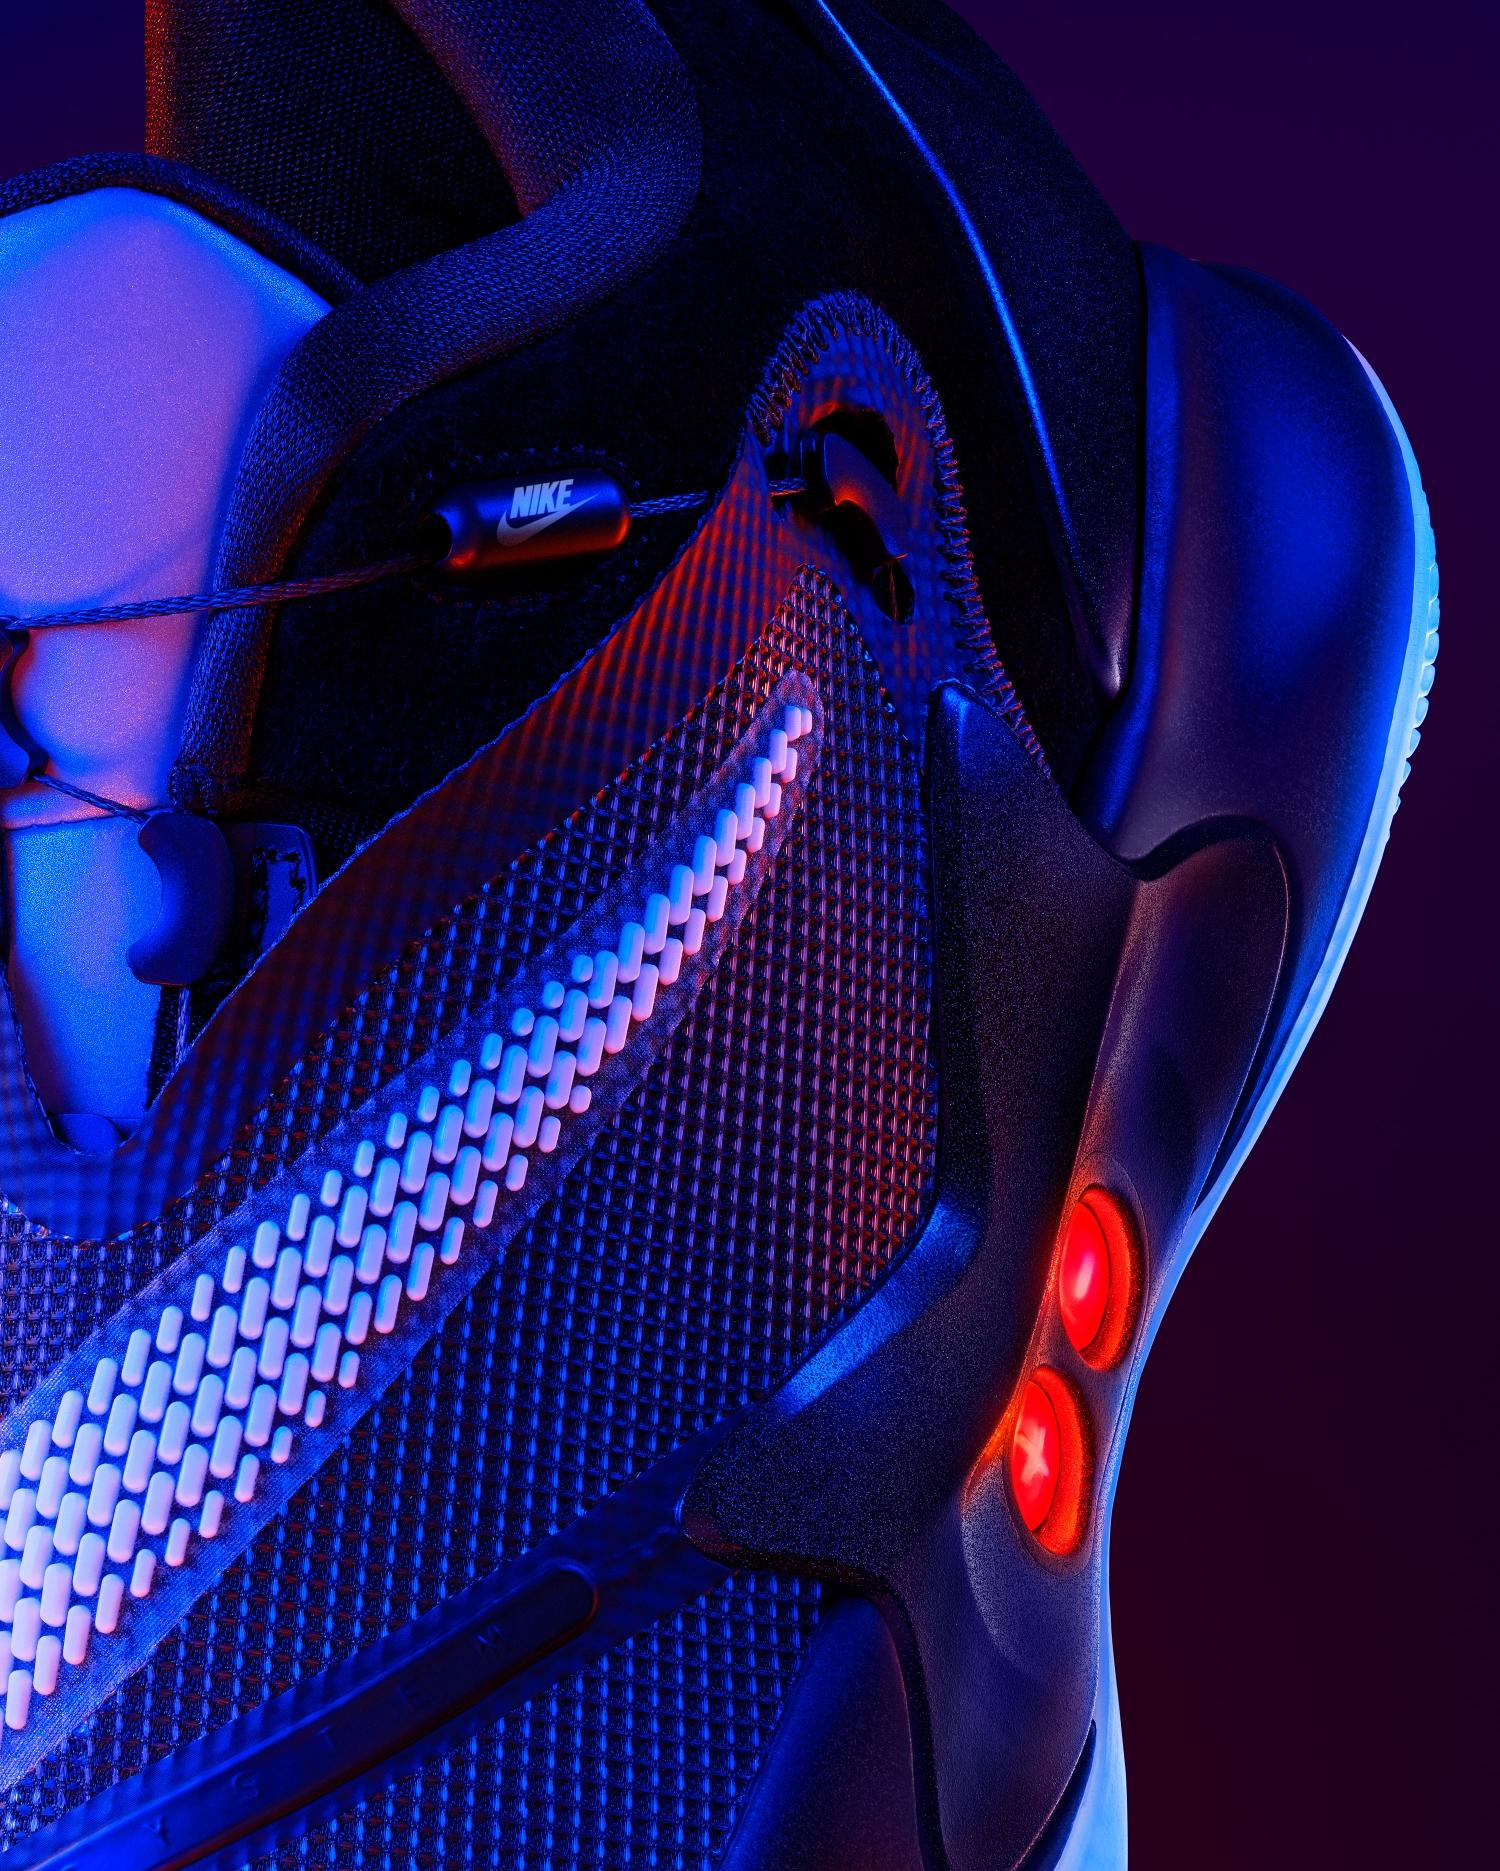 Nike представила второе поколение умных кроссовок Adapt BB7